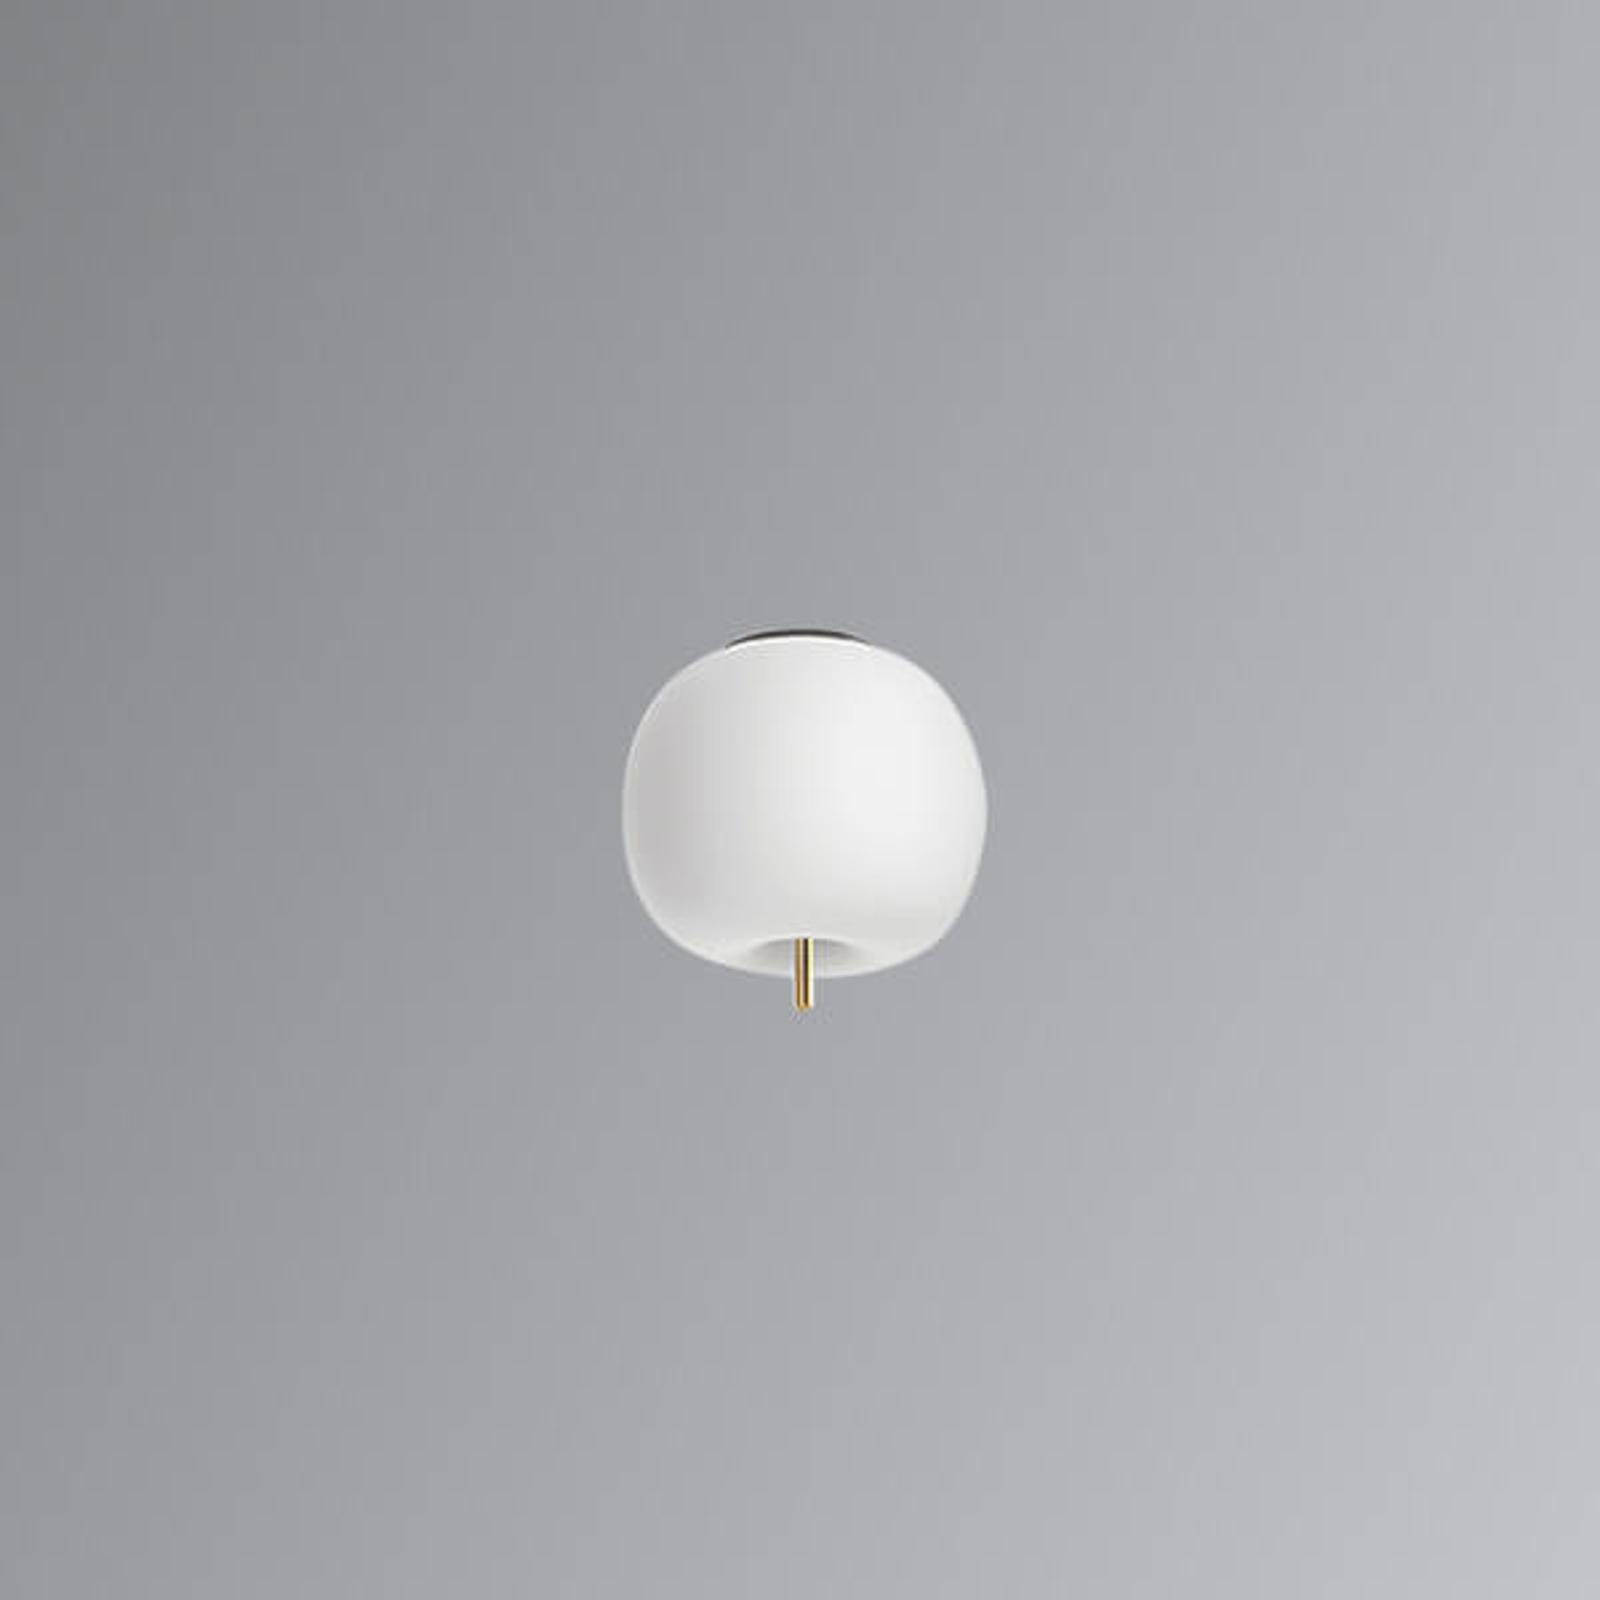 Kundalini Kushi - LED plafondlamp messing 16 cm